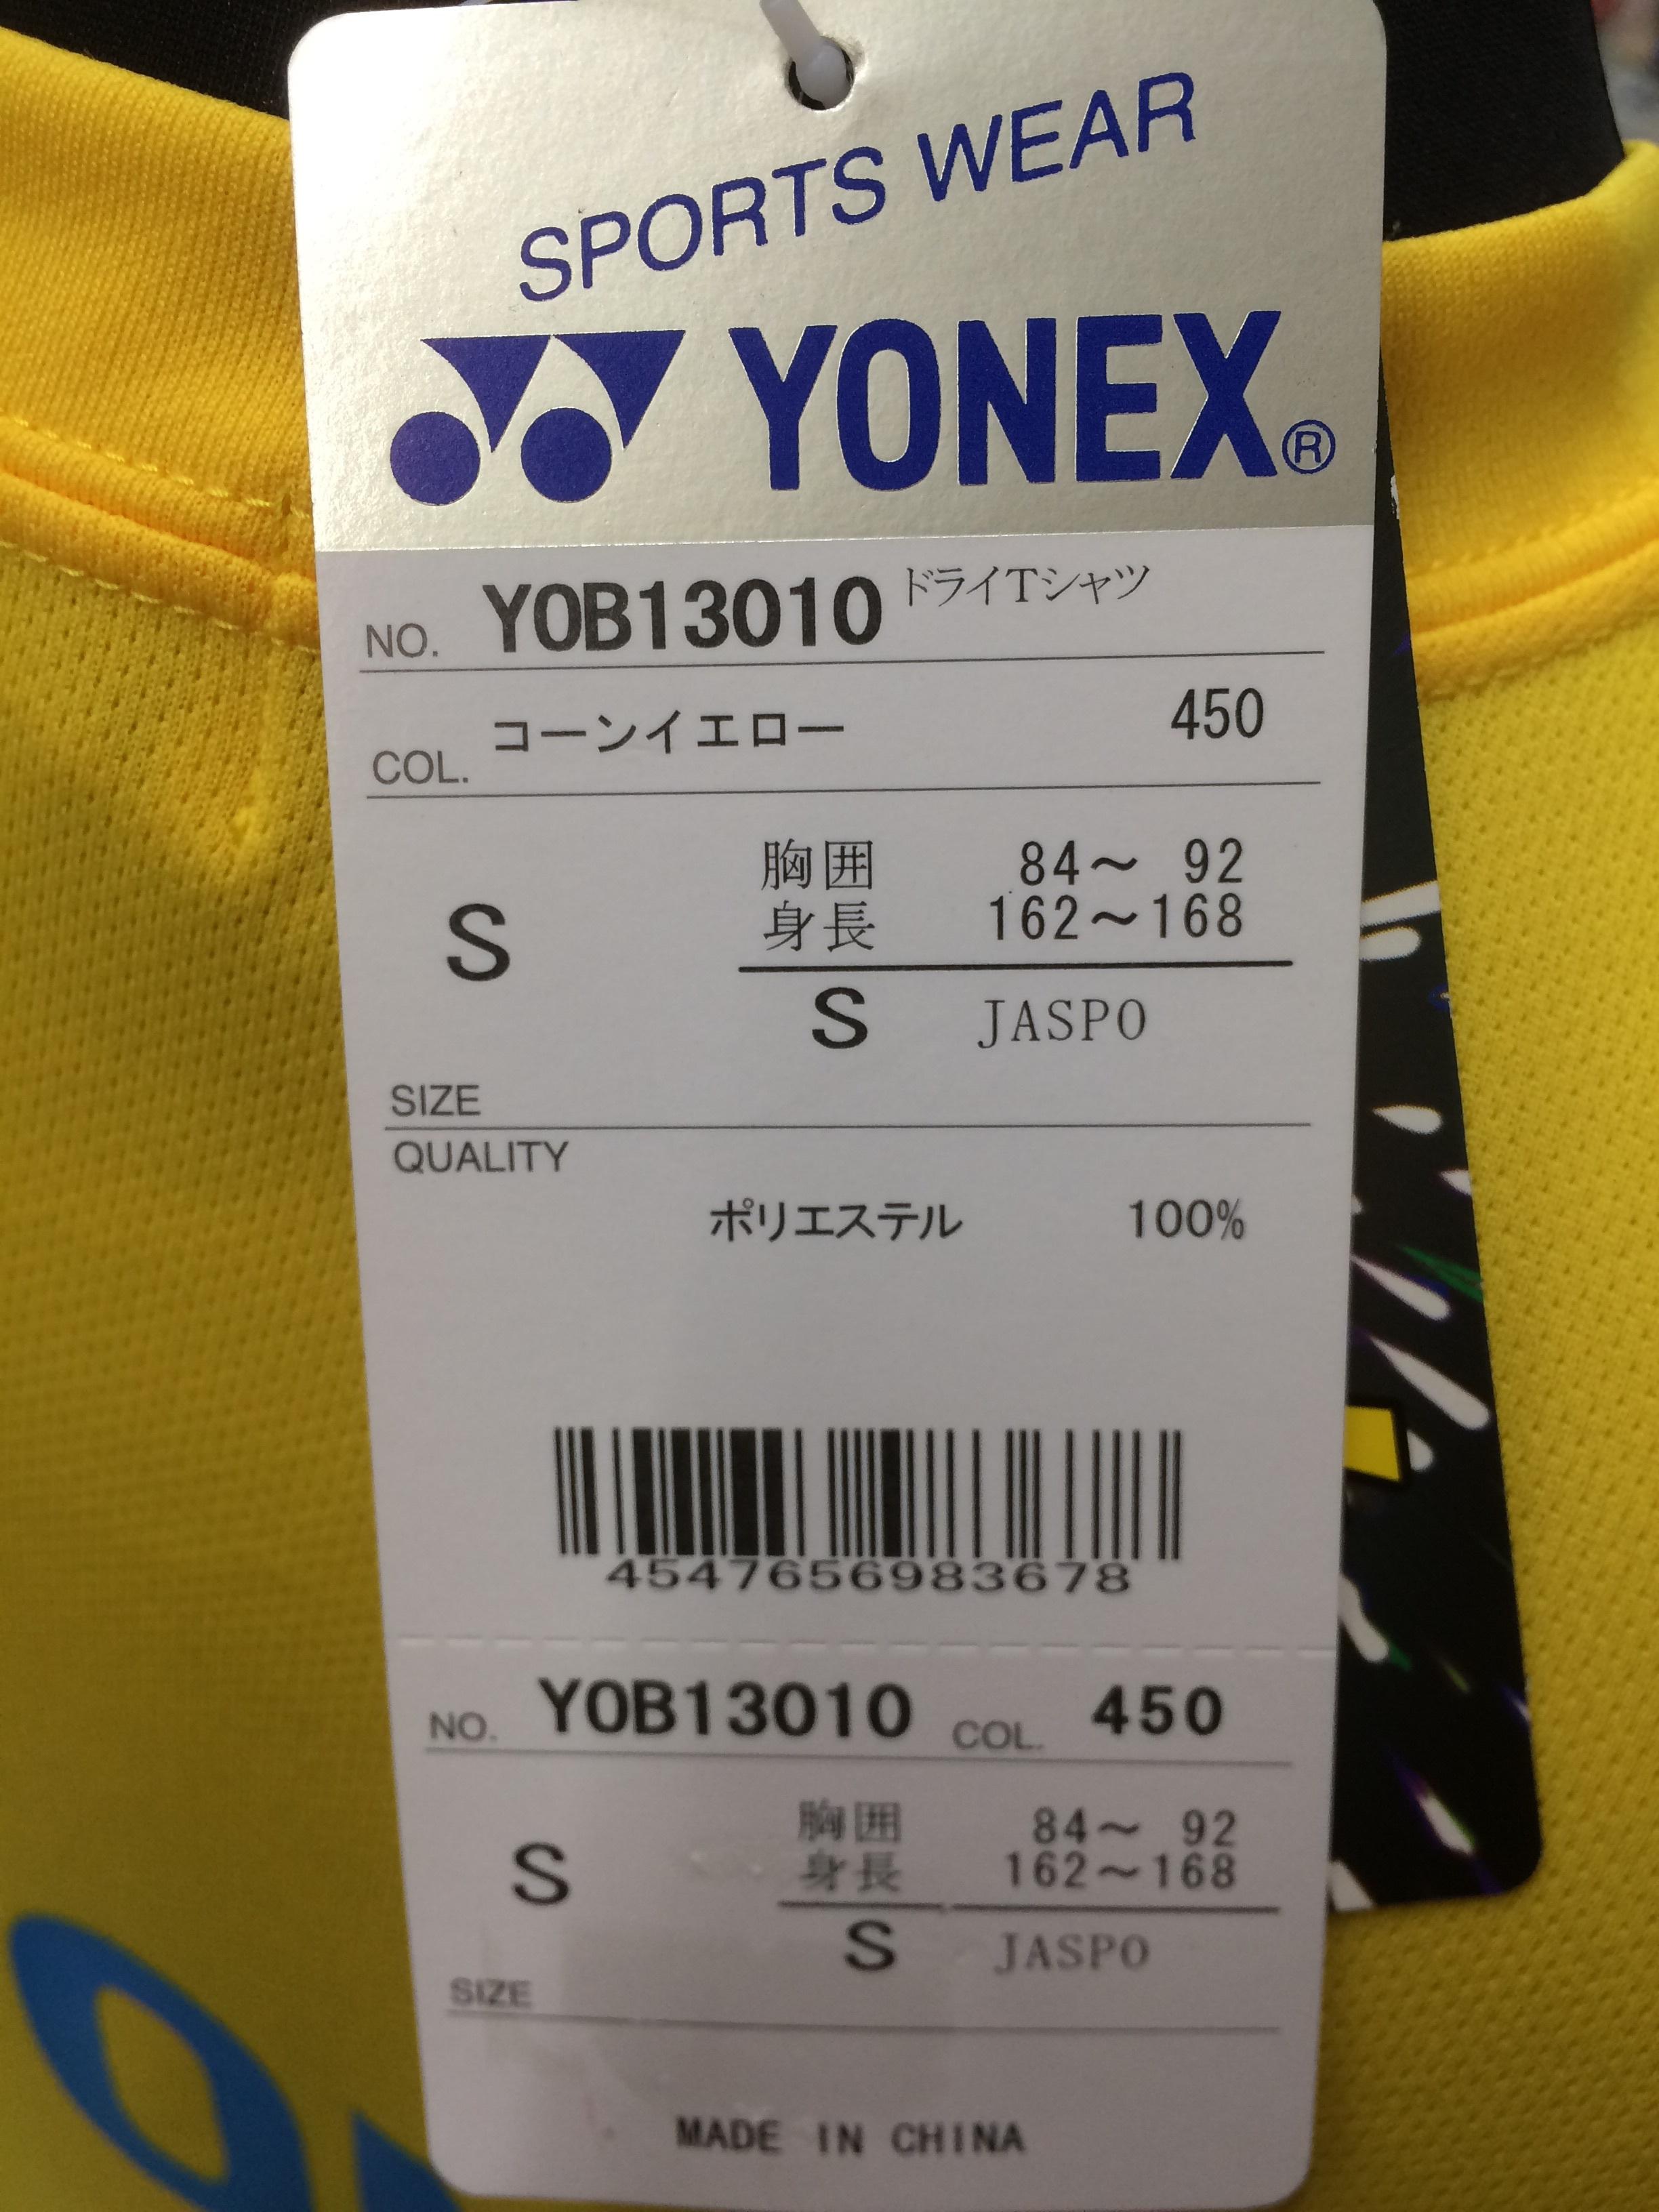 ヨネックス ユニドライTシャツ YOB13010 - 画像3